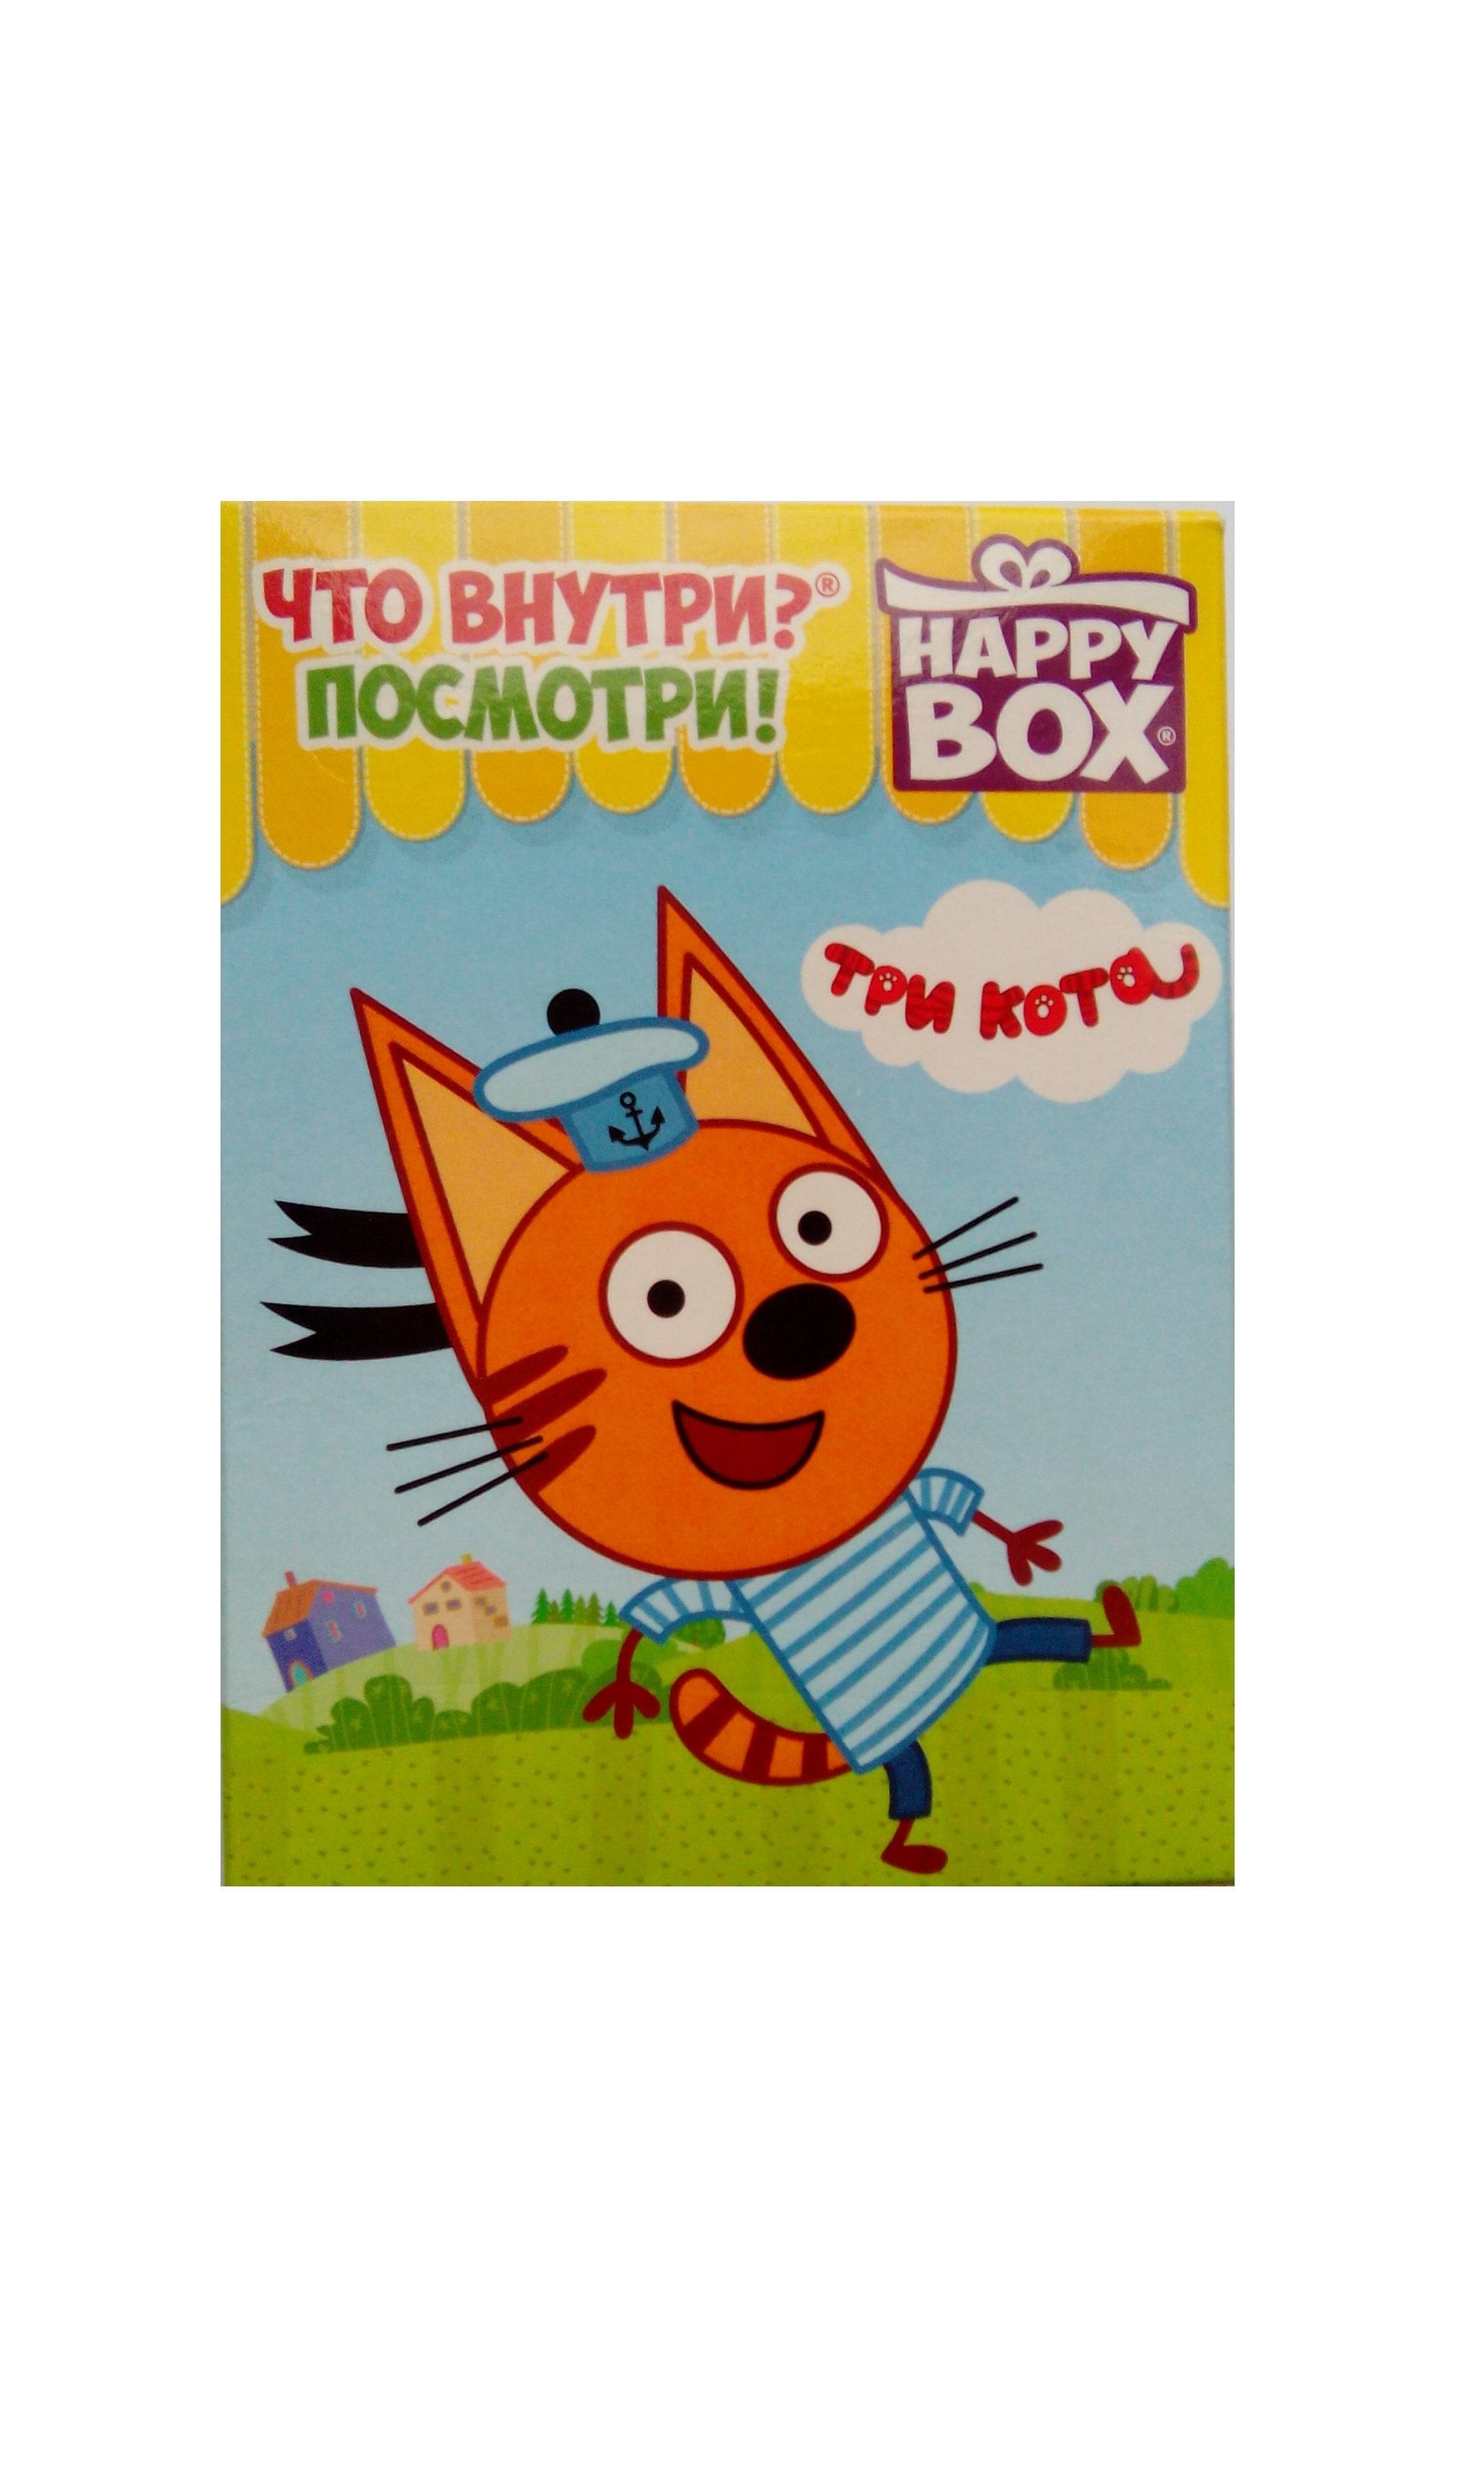 Леденцы с игрушкой Happy Box Три кота 18 г сhokocat пилюли от лени леденцы для рассасывания 18 г